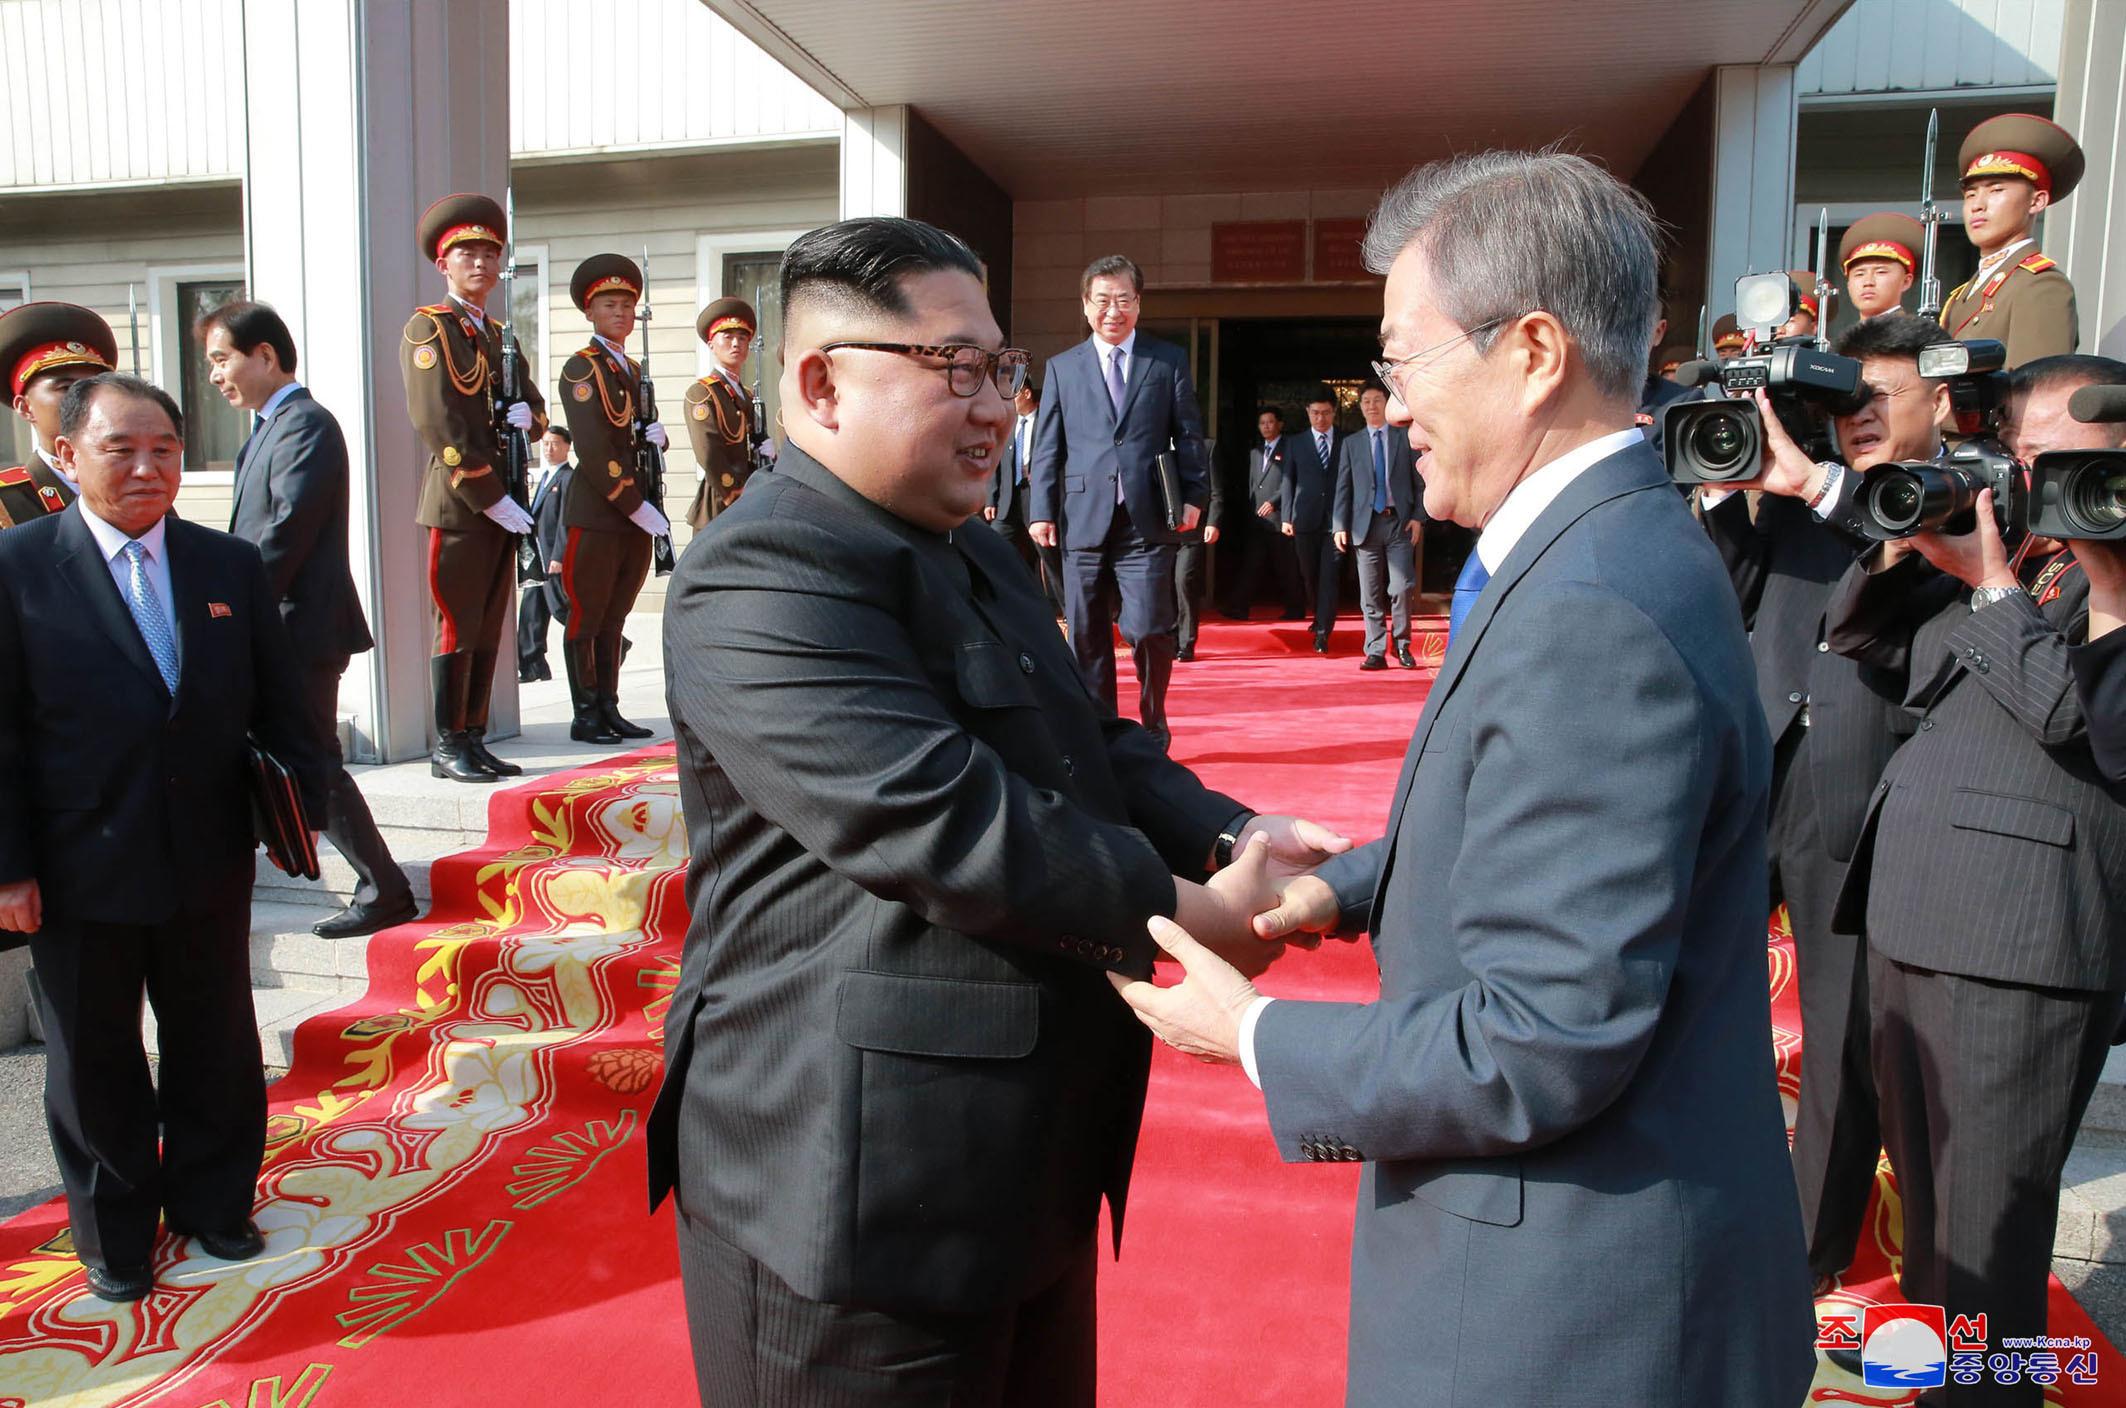 APTOPIX_North_Korea_Koreas_Tensions_29361-159532.jpg88465607